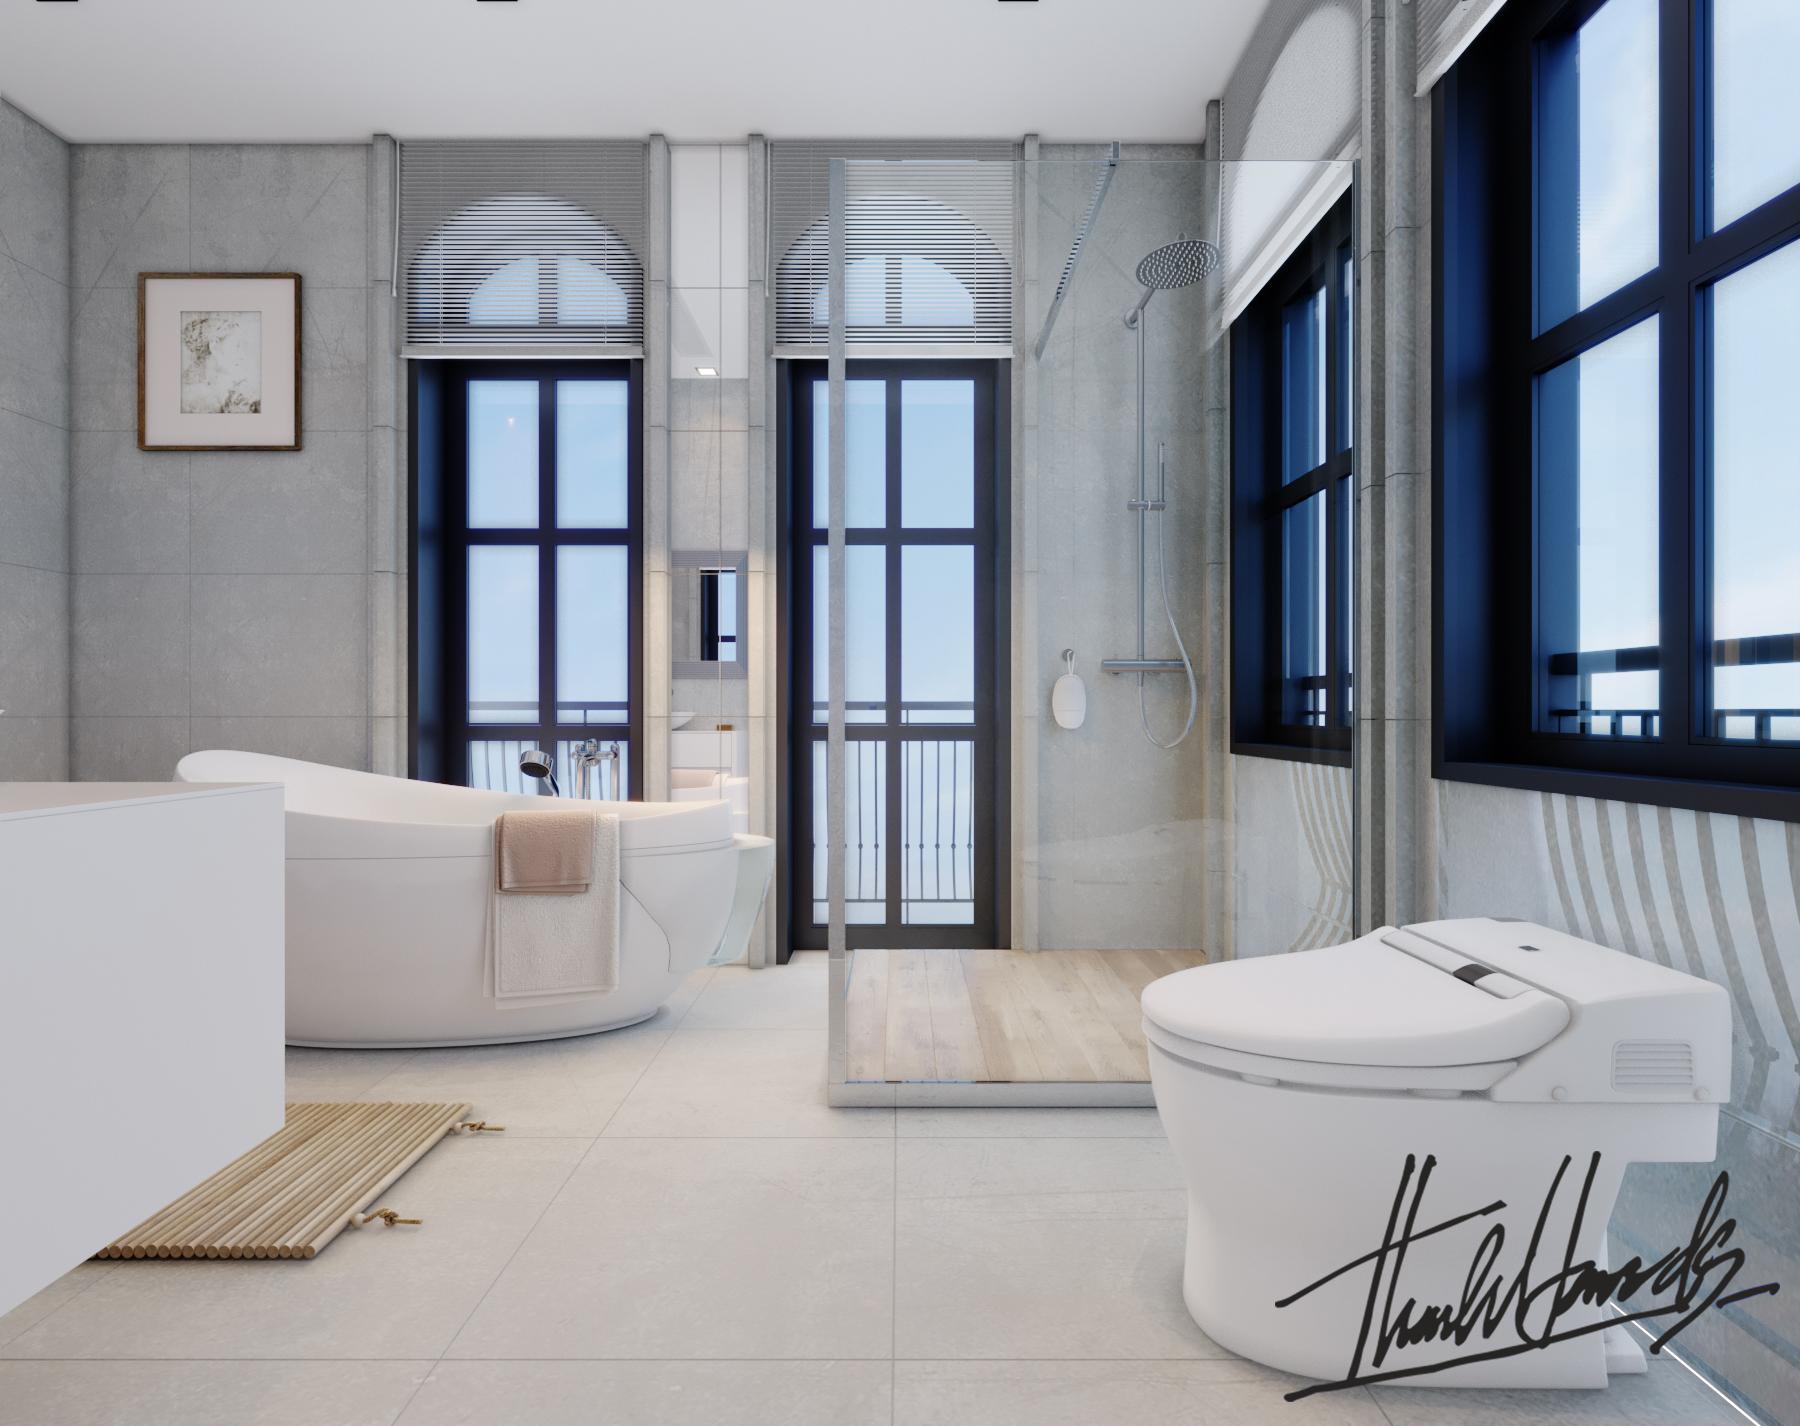 thiết kế nội thất Biệt Thự tại Hải Phòng Biệt thự Vinhomes - imperia ( khu VEN) 30 1568278789